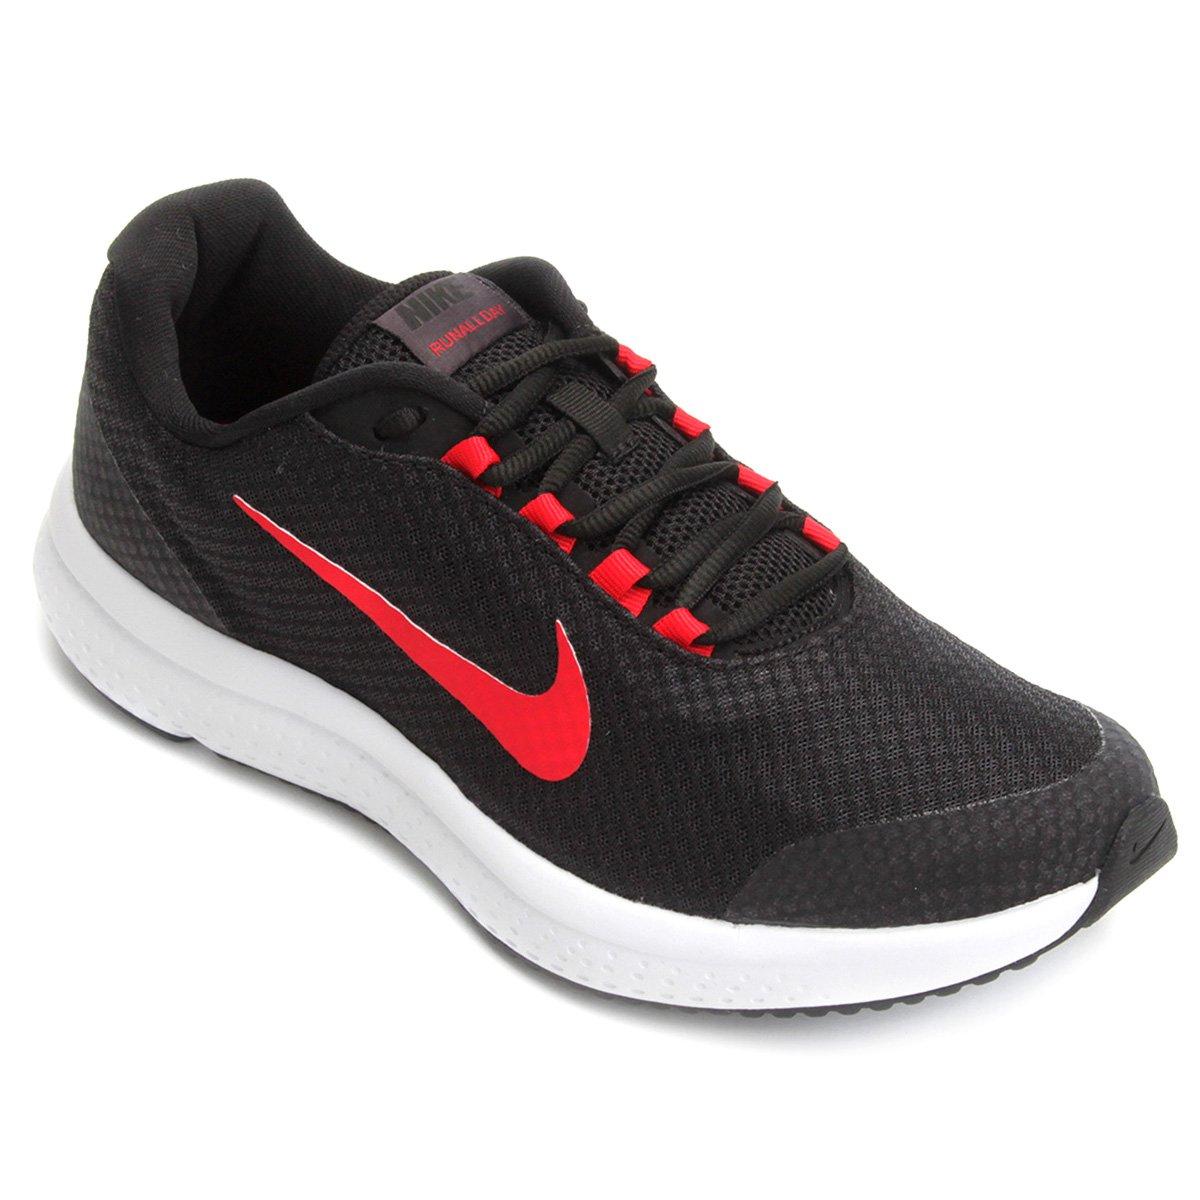 f0e2a8b77 Tênis Nike Runallday Masculino - Preto e Vermelho - Compre Agora ...